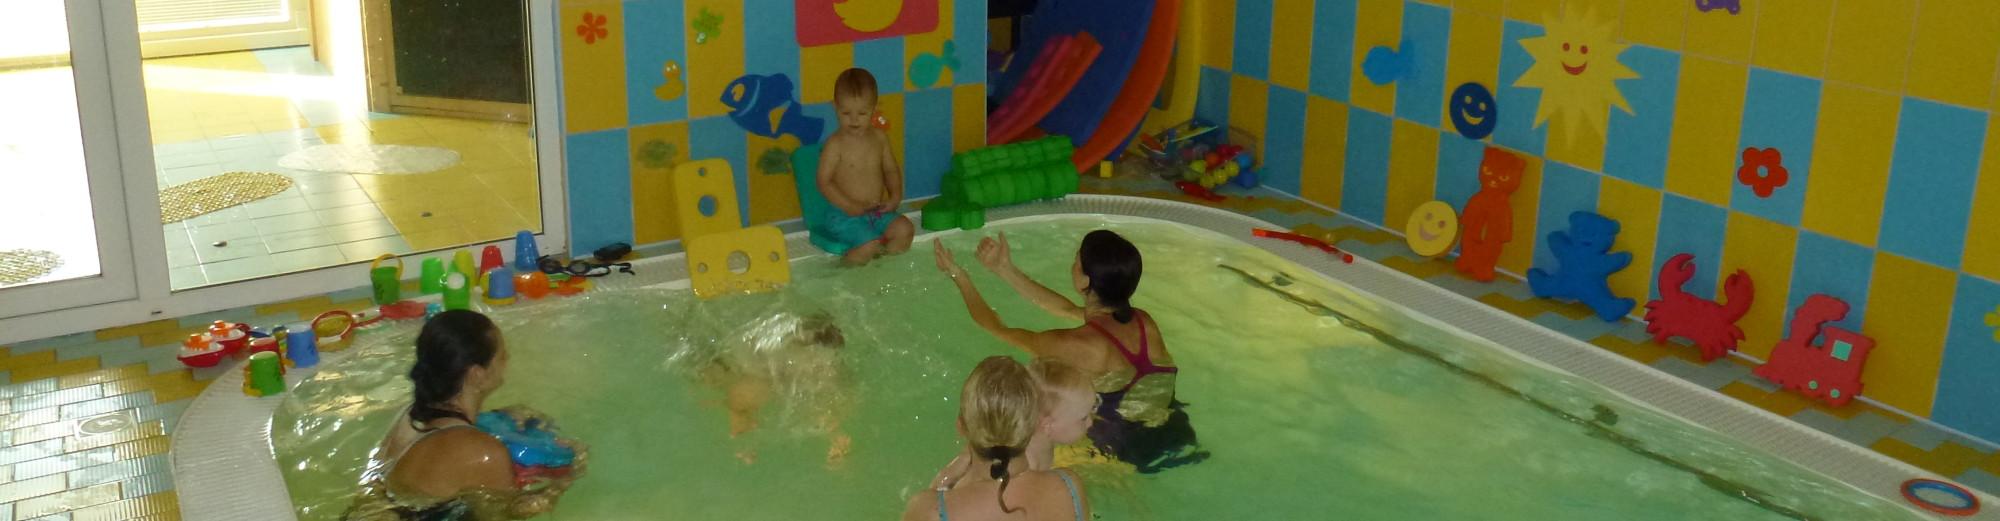 Plavecké centrum pro děti Kroměříž